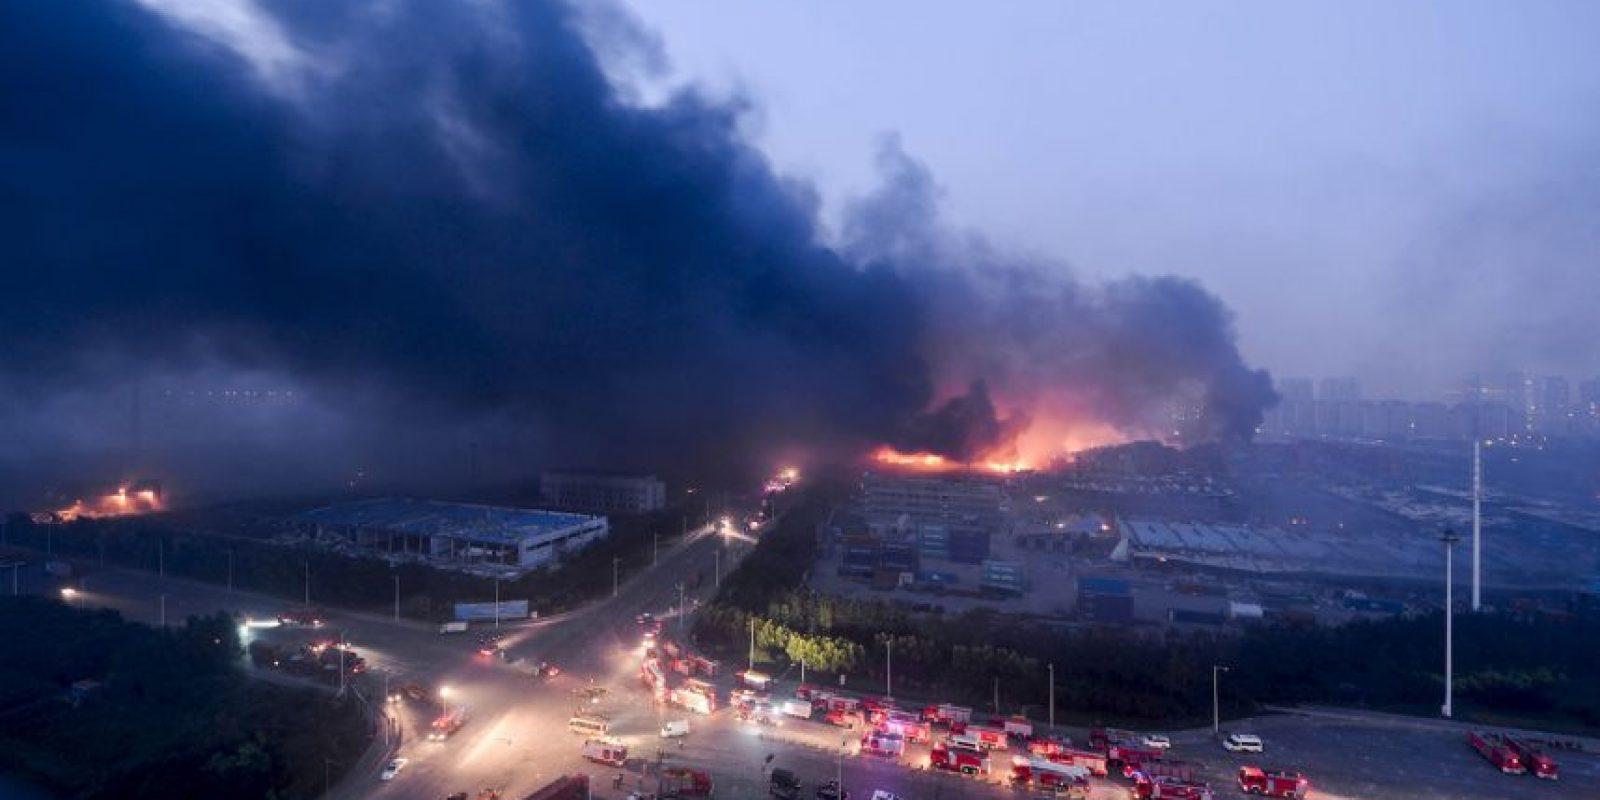 Las fotos y videos que circulan en las redes sociales muestran una gran bola de fuego y una columna de humo en la zona. Foto:AFP